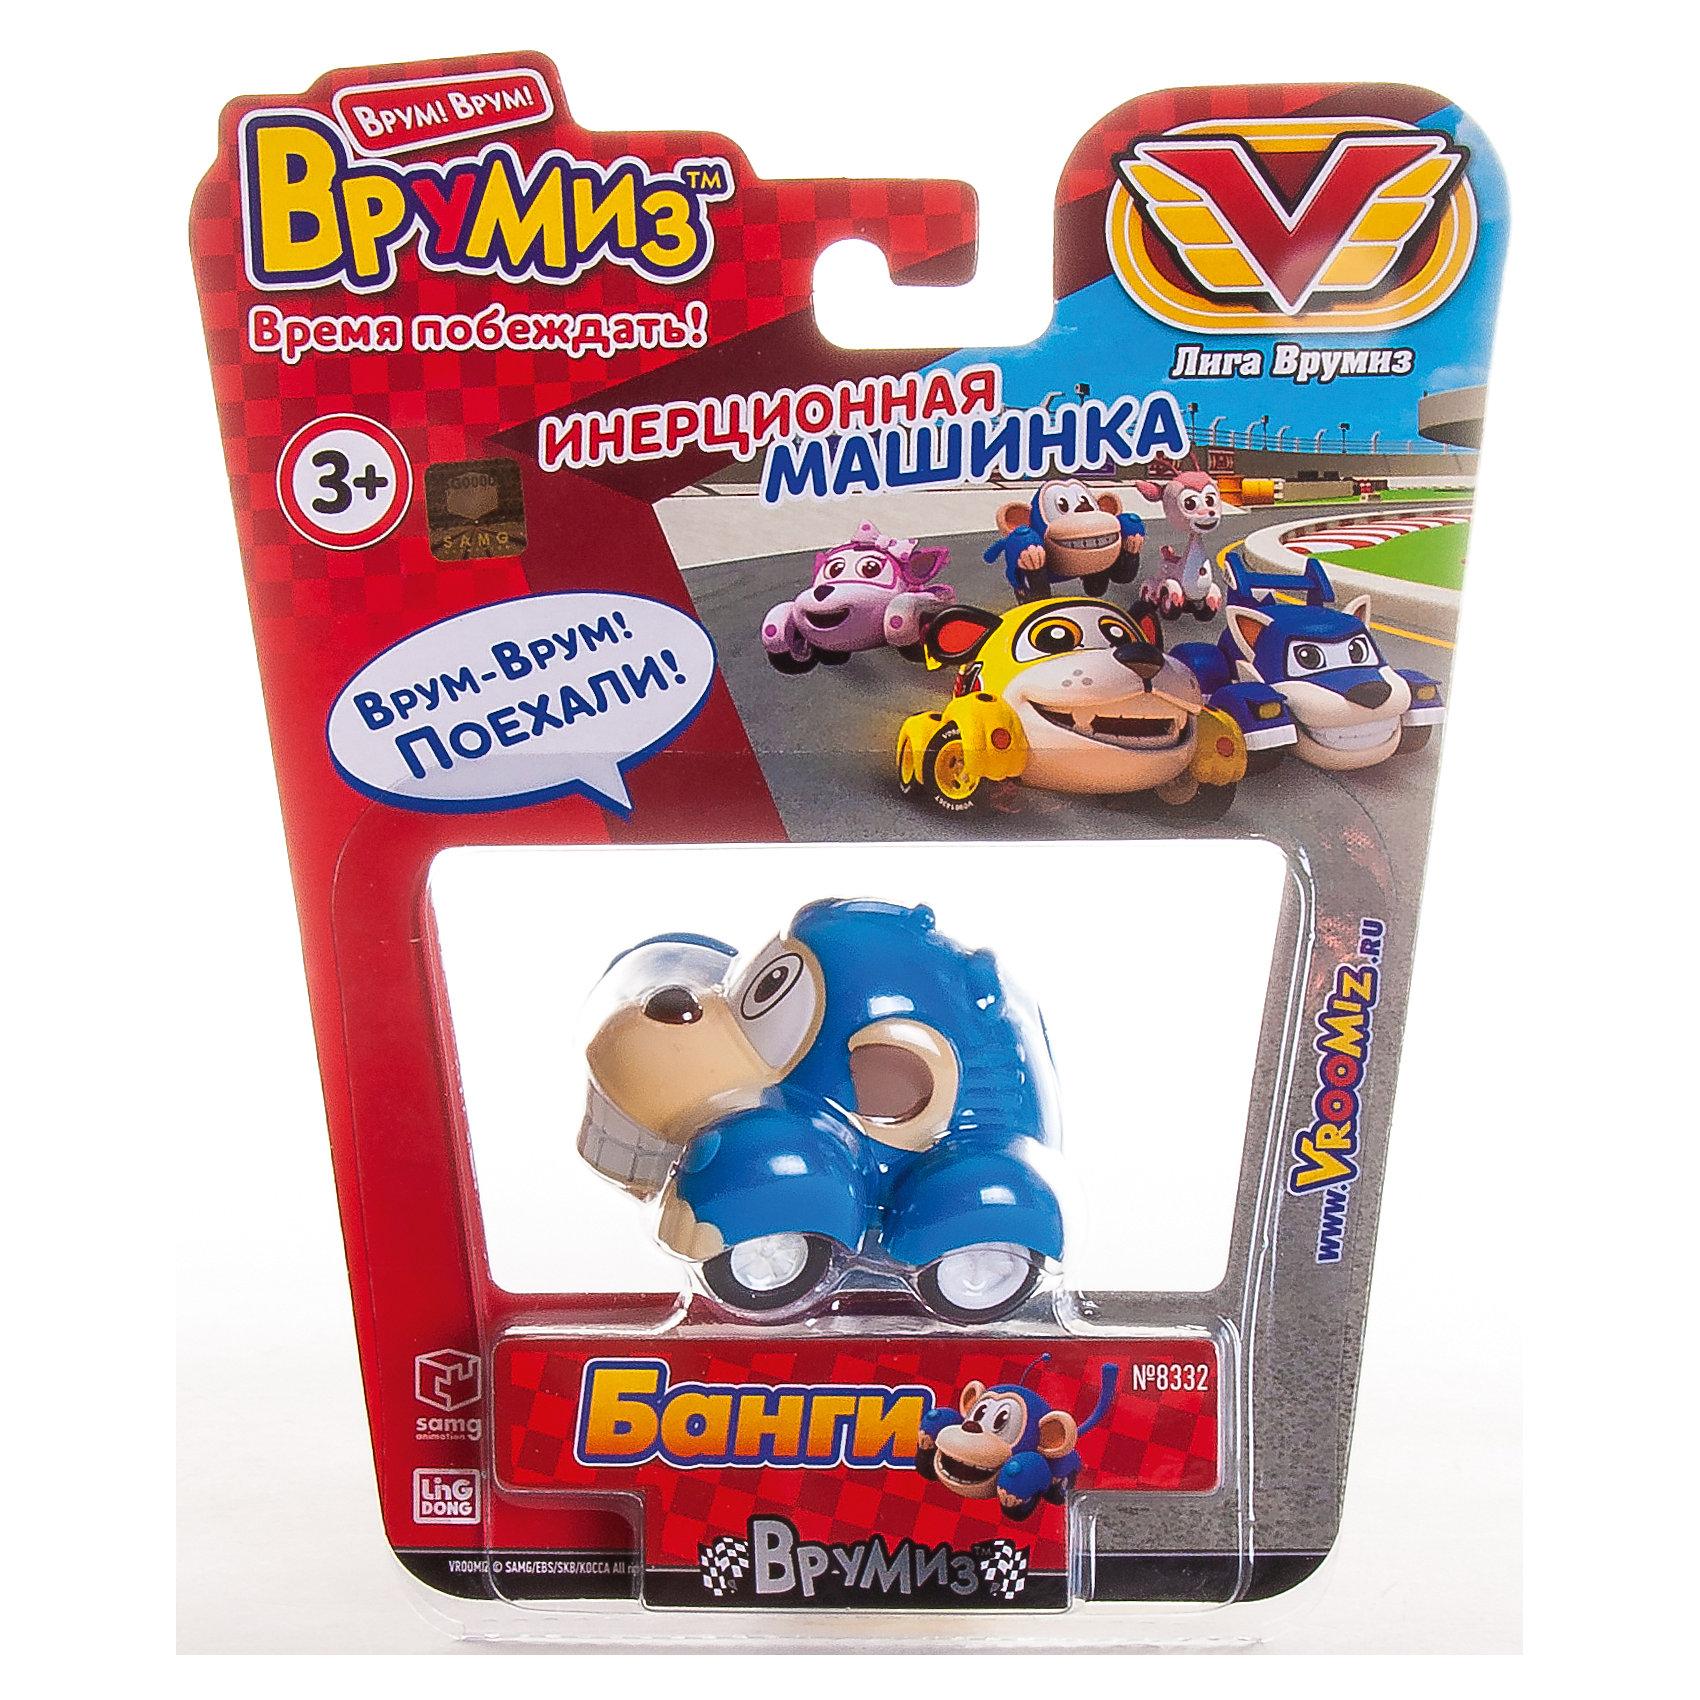 Инерционная машинка Банги, ВрумизКоллекционные и игровые фигурки<br>Инерционная машинка Банги, Врумиз, станет отличным подарком для самых маленьких автолюбителей. Игрушка выполнена в виде в виде ловкой и быстрой обезьянки Банги - одного из популярных героев мультсериала Врумиз (Vroomiz). В необычном городе Зиппи Сити живут удивительные машинки-зверюшки, каждый день они попадают в различные забавные, а иногда и опасные ситуации, но благодаря своей дружбе упорно преодолевают все трудности, встретившиеся на пути. Банги - отважный, честный и очень добрый малыш, который всегда готов прийти на помощь тем, кто оказался в беде. Машинка отличается высоким качеством исполнения и полностью воспроизводит внешний вид своего персонажа, у нее яркая синяя окраска и забавная мордочка с ушками. Игрушка оснащена инерционным механизмом, если слегка откатить ее назад и отпустить, она устремится вперед.<br><br>Дополнительная информация:  <br>      <br>- Материал: пластик. <br>- Размер машинки: 4,5 х 5,5 см <br>- Размер упаковки: 17 х 19,5 х 7 см.<br>- Вес: 0,1 кг.<br><br>Инерционную машинку Банги, Врумиз, можно купить в нашем интернет-магазине.<br><br>Ширина мм: 170<br>Глубина мм: 195<br>Высота мм: 70<br>Вес г: 94<br>Возраст от месяцев: 36<br>Возраст до месяцев: 120<br>Пол: Унисекс<br>Возраст: Детский<br>SKU: 4340061